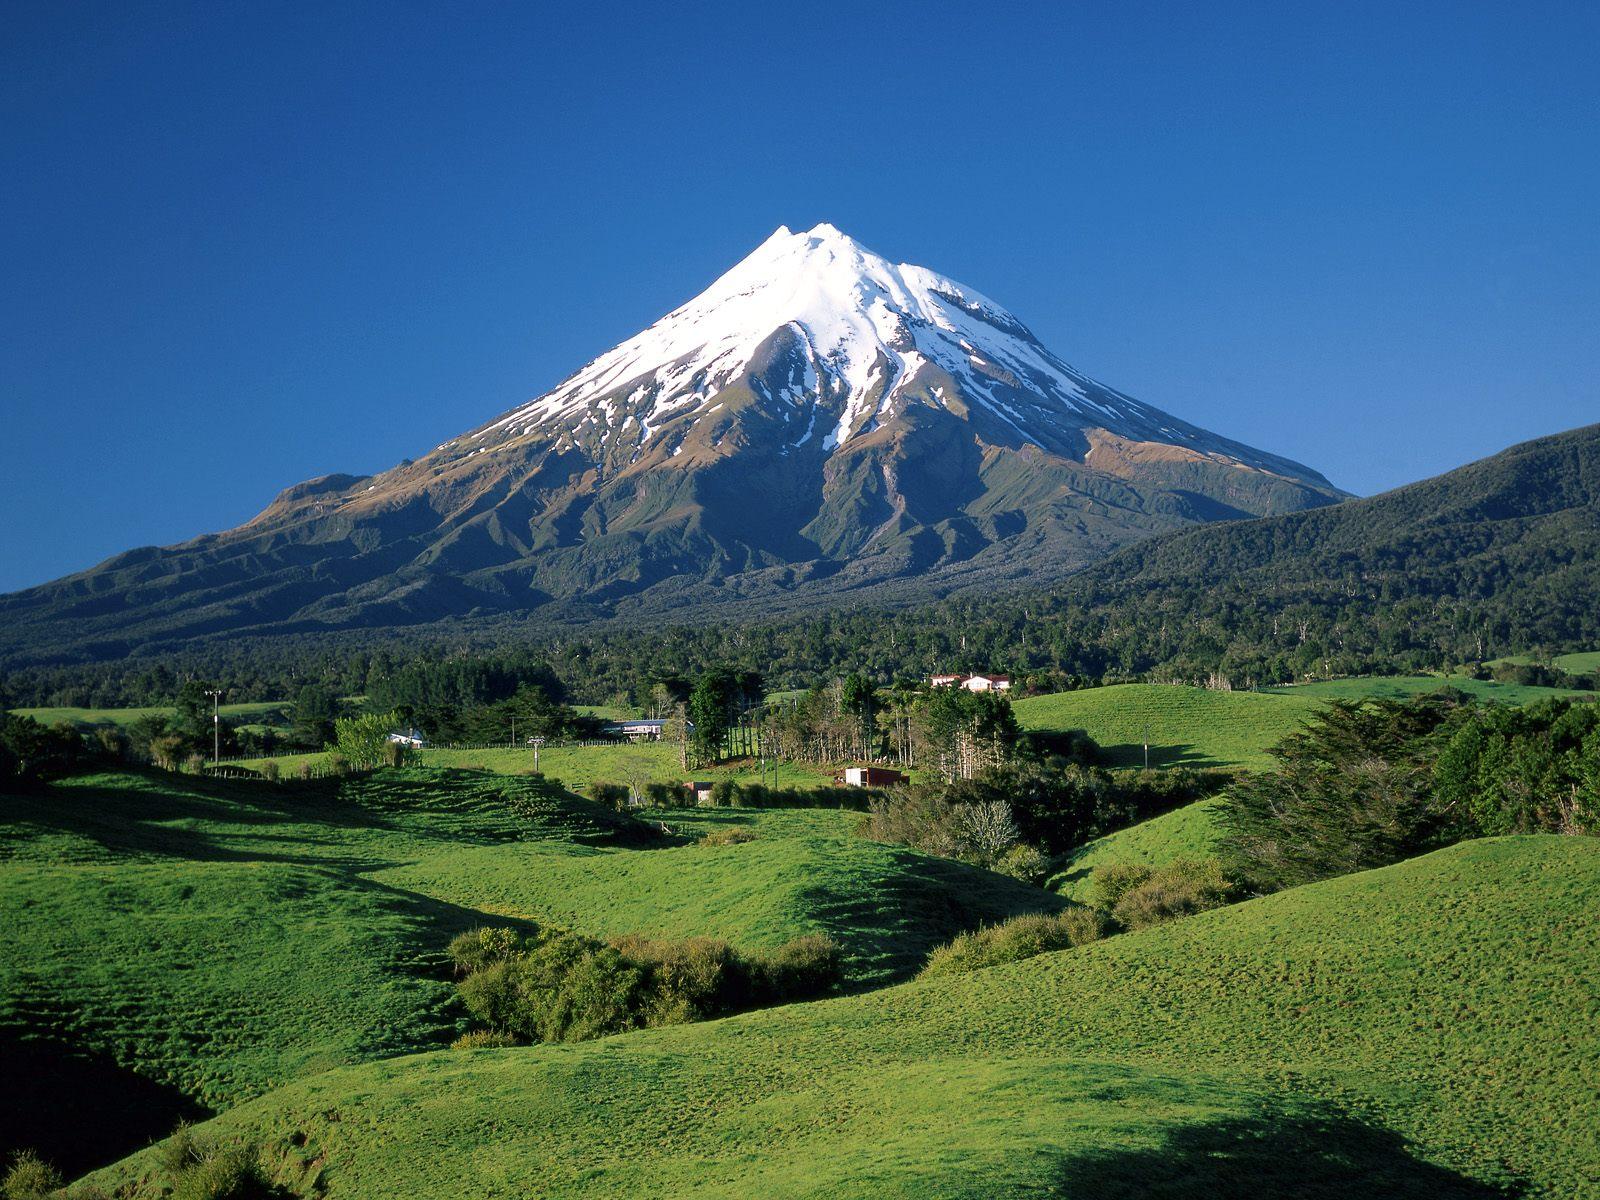 Taranaki New Zealand